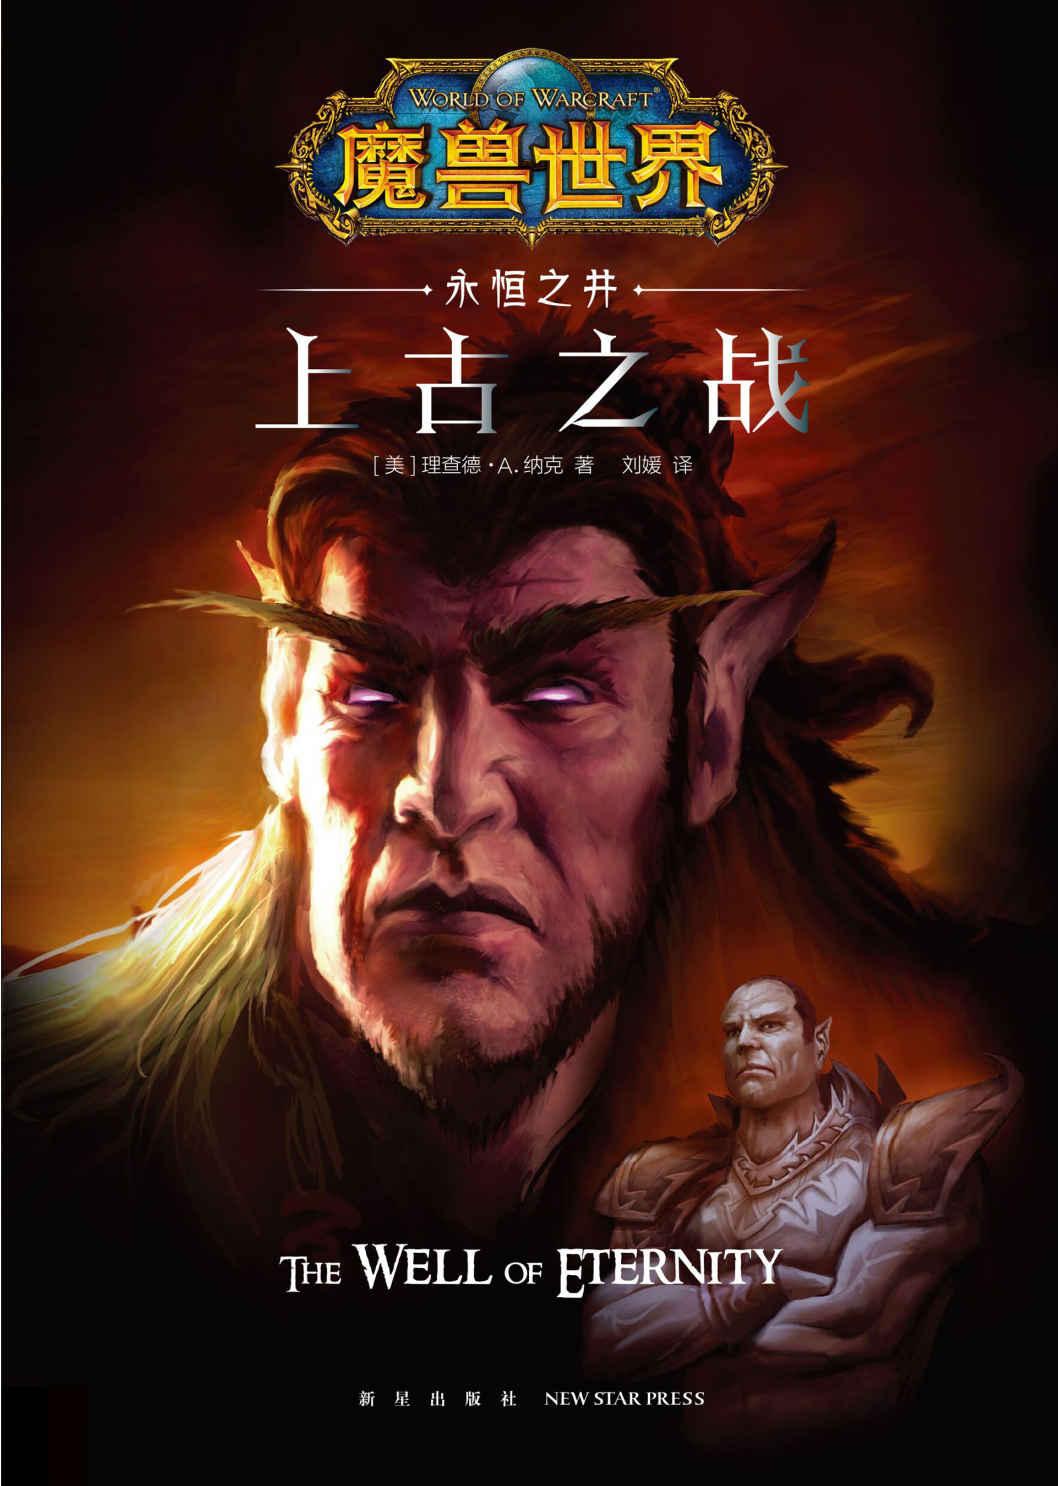 魔兽世界·上古之战:永恒之井